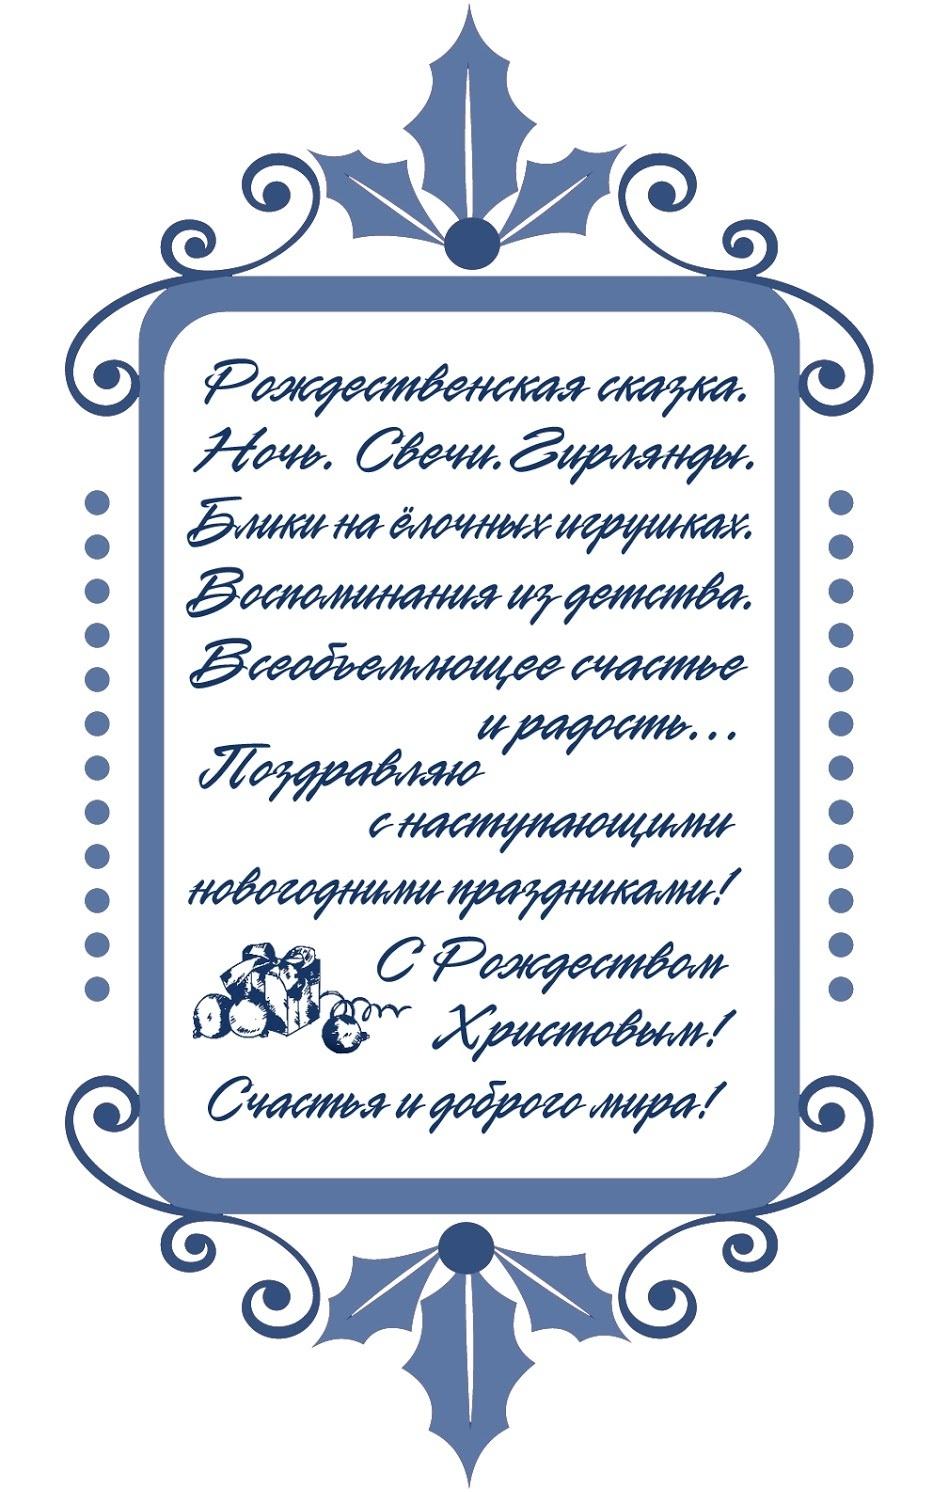 Открытки для печати с текстом